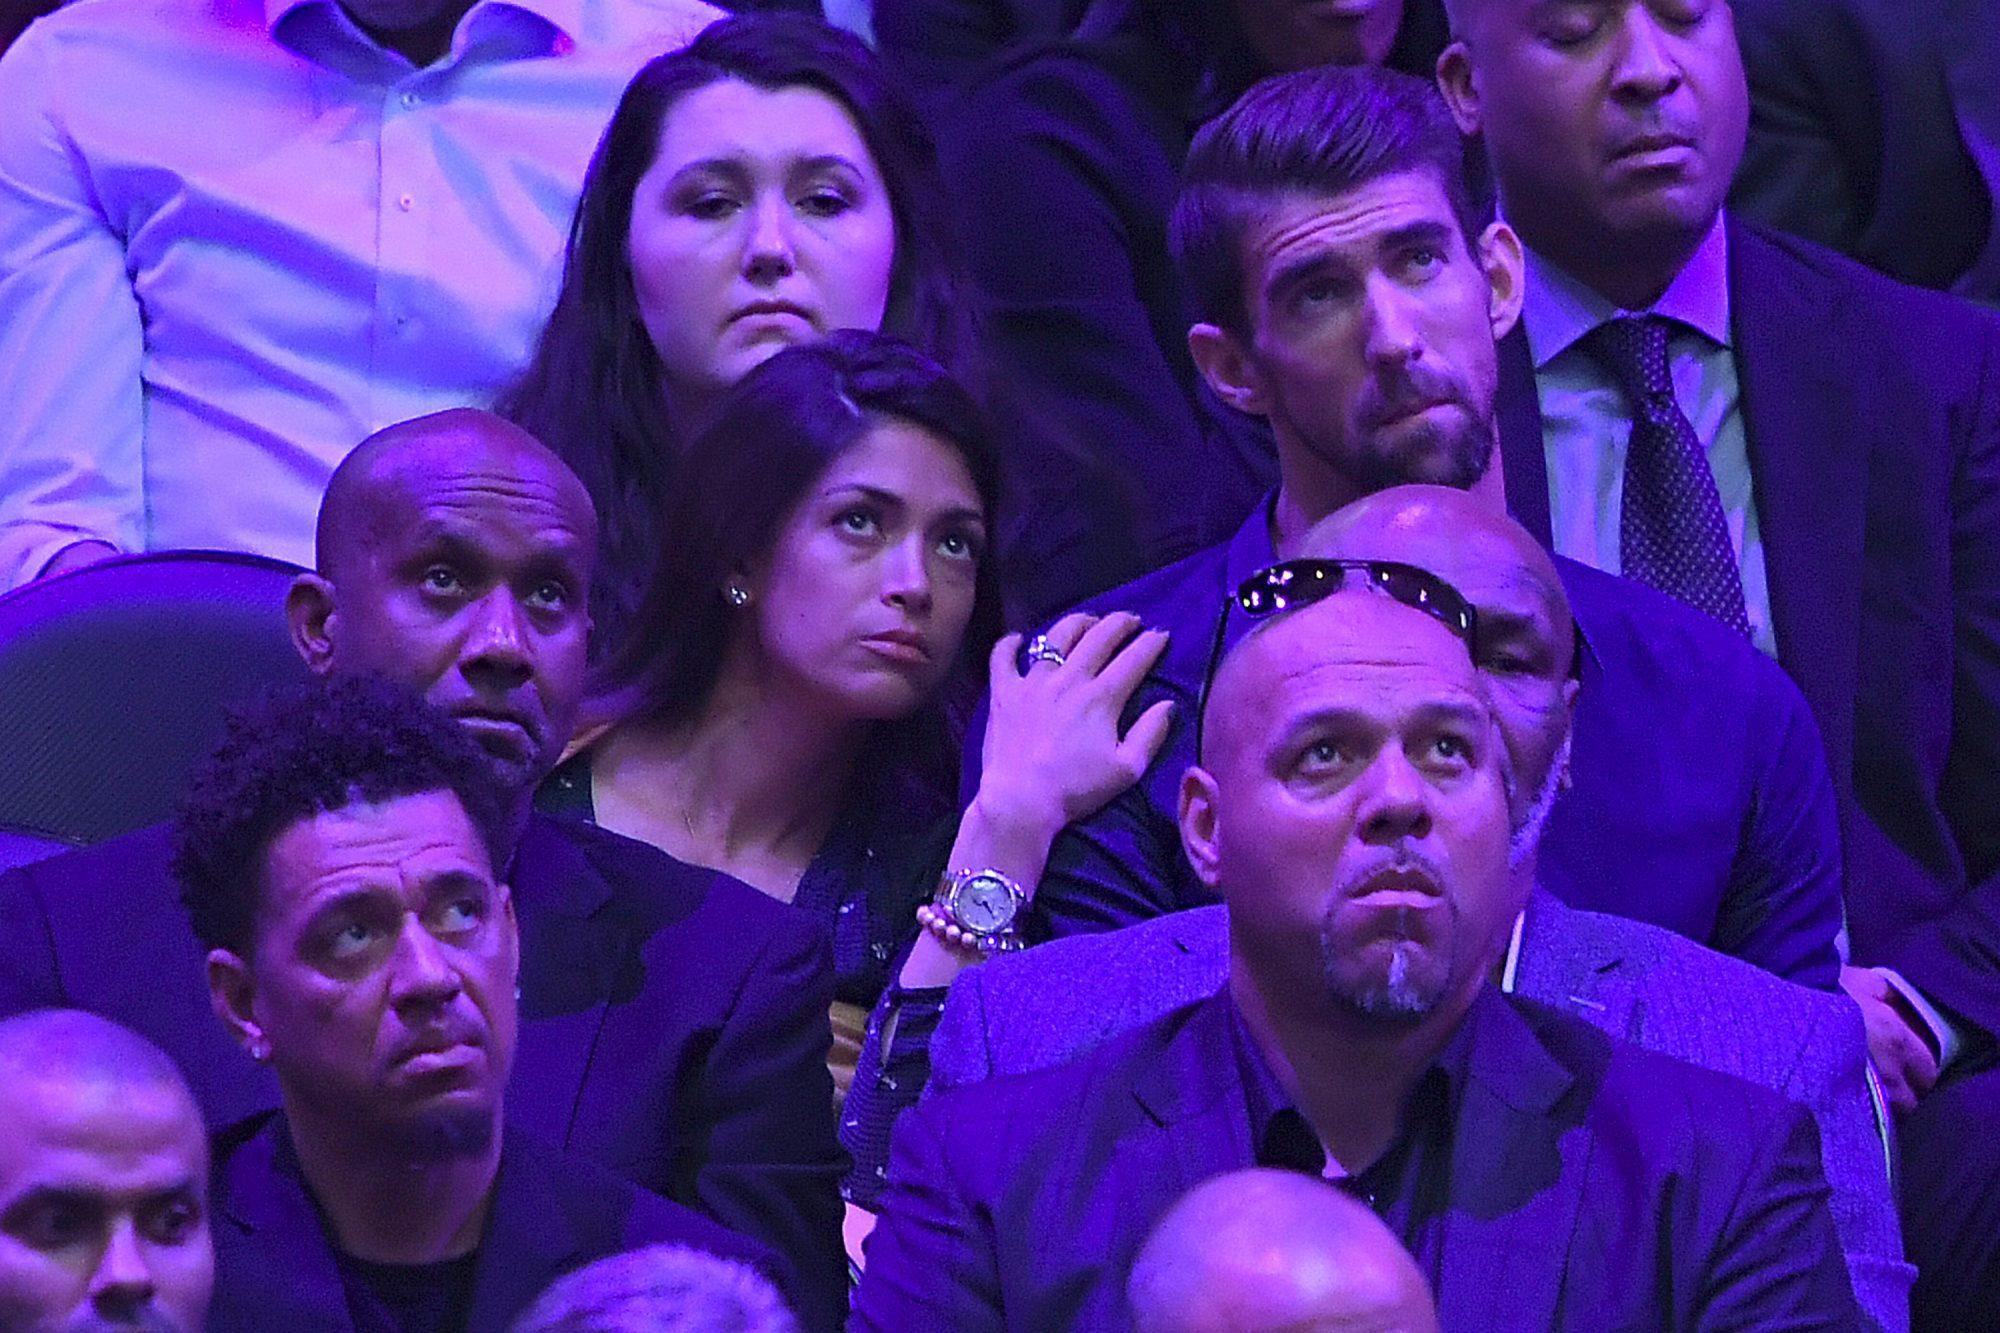 Michael Phelps and Nicole Johnson en el servicio de Kobe Bryant y su hija Gianna